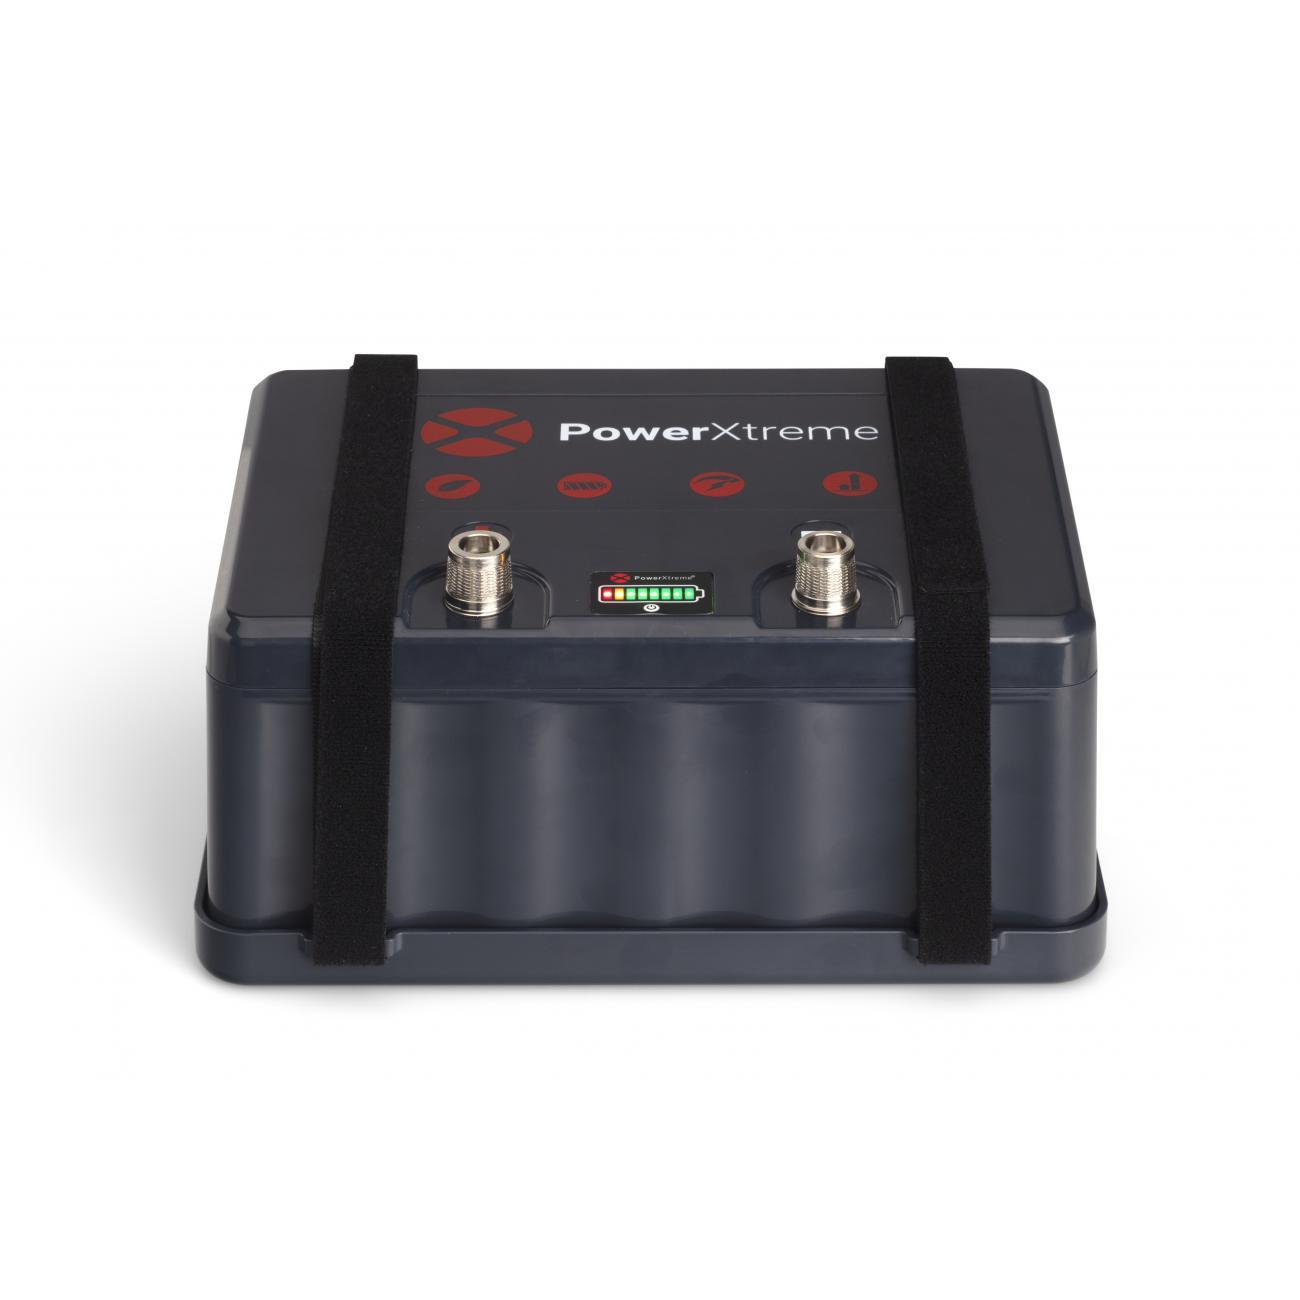 PowerXtreme X30